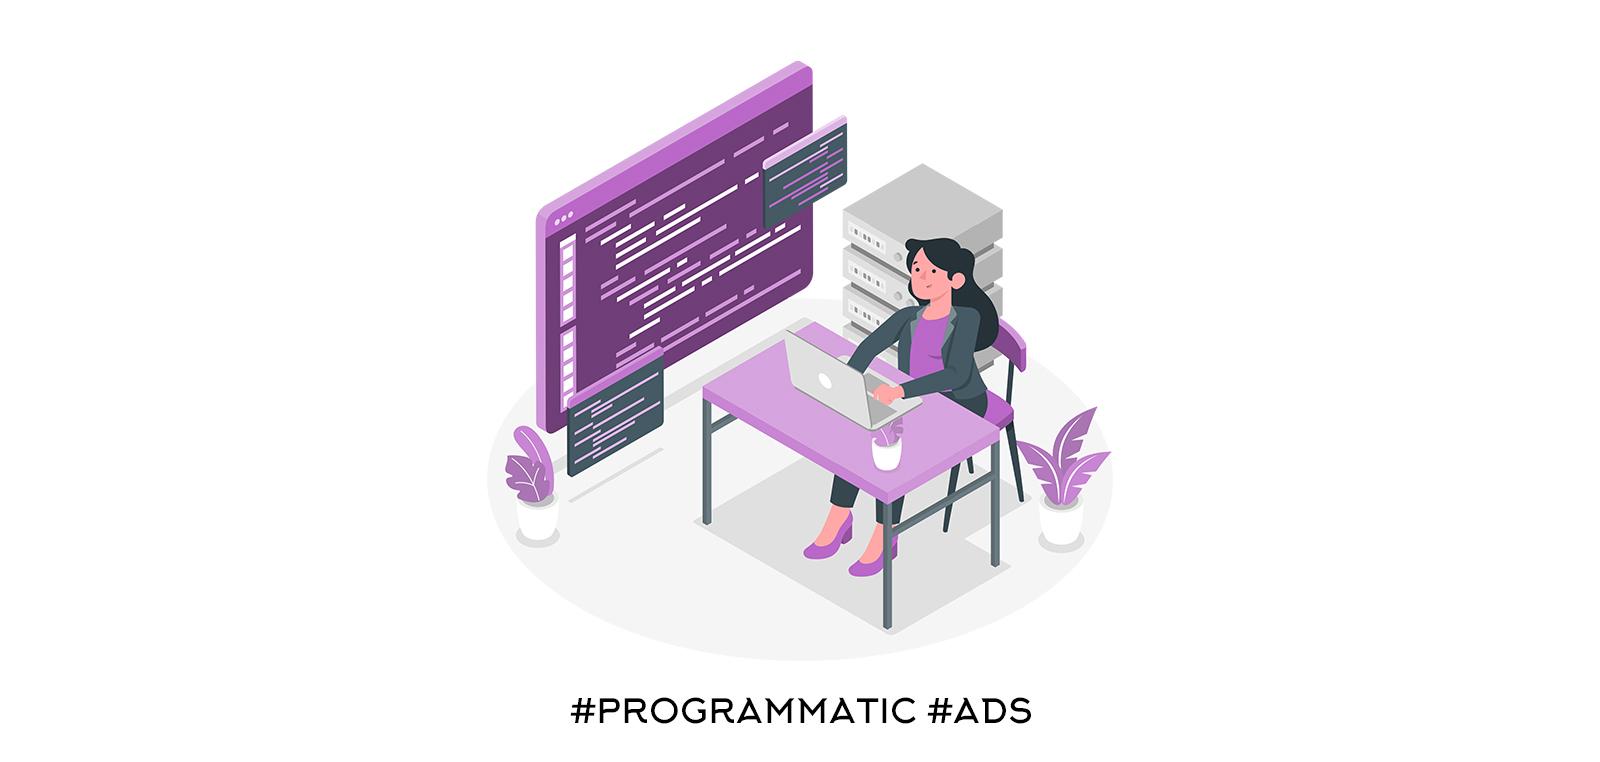 Програматик реклама